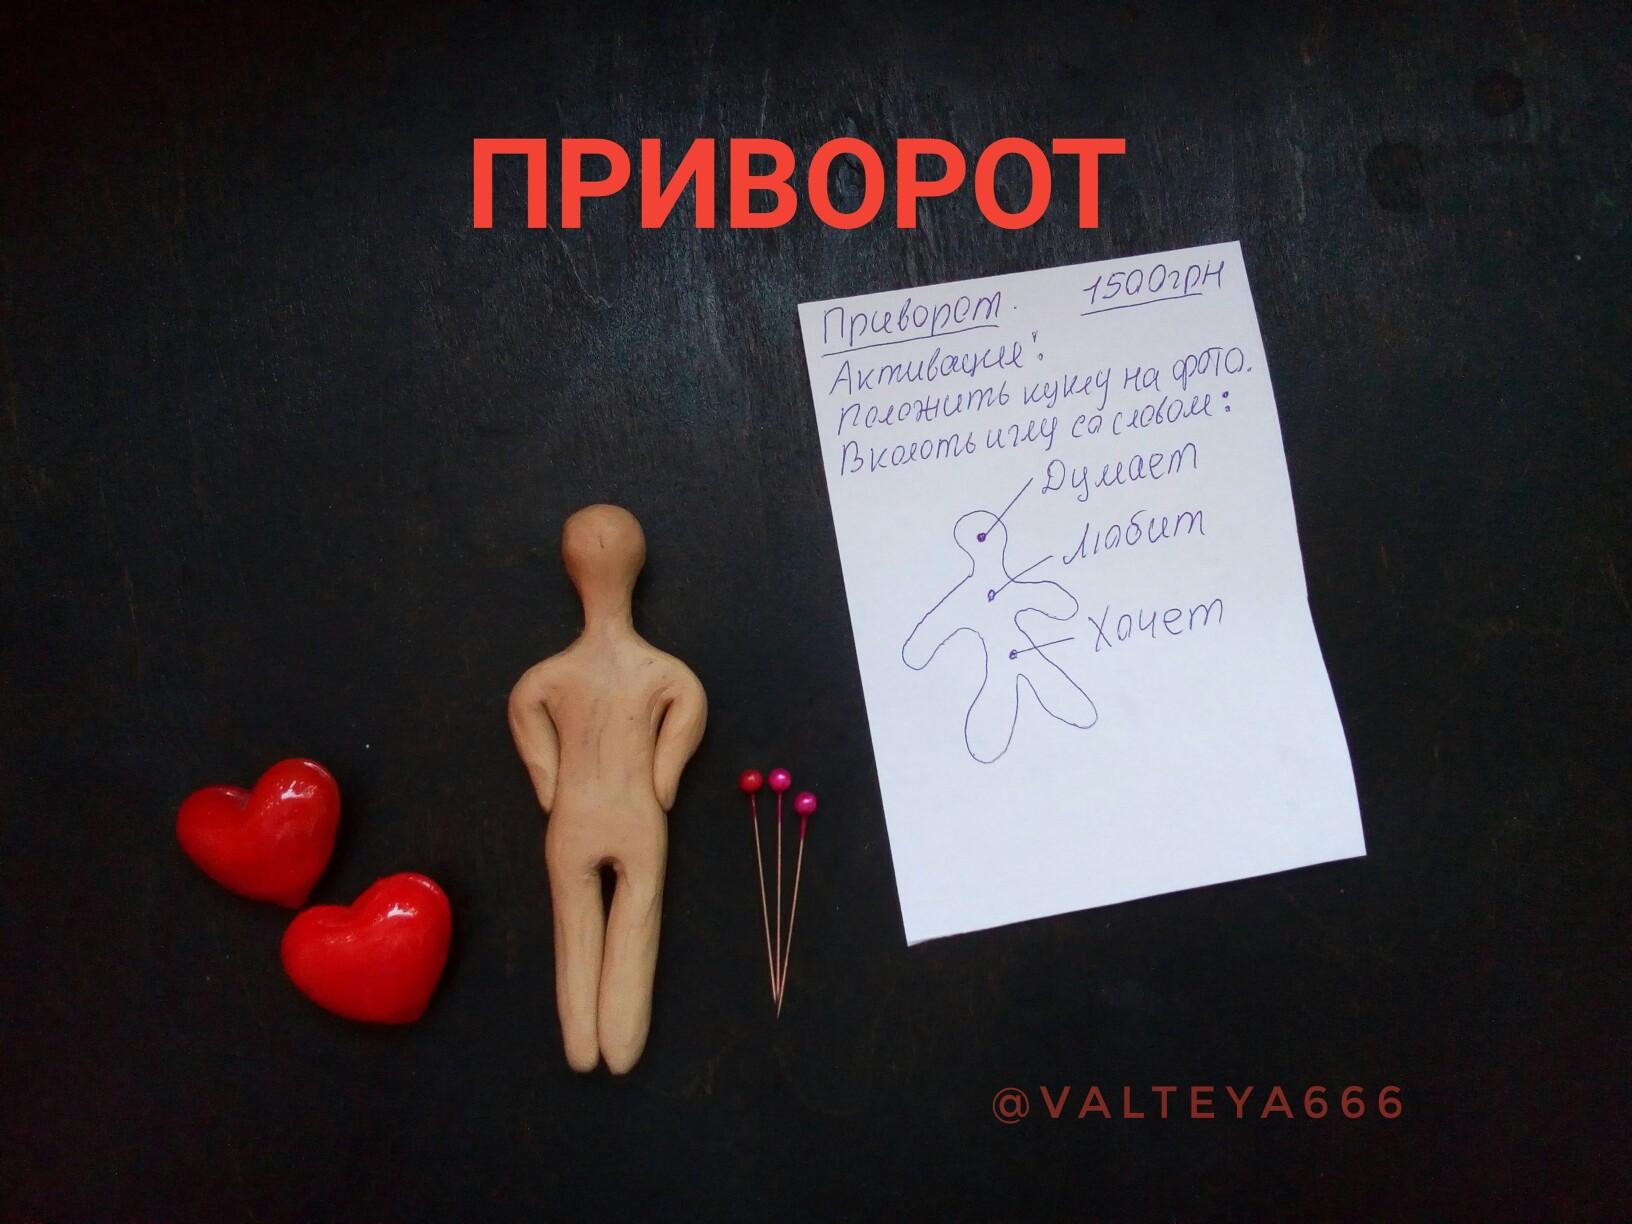 эзотерика - Куклы-талисманы для привлечения благ. Черный Вольт и бамбуковые иглы для пожизненно  - Страница 2 RfeQAR7DxMI